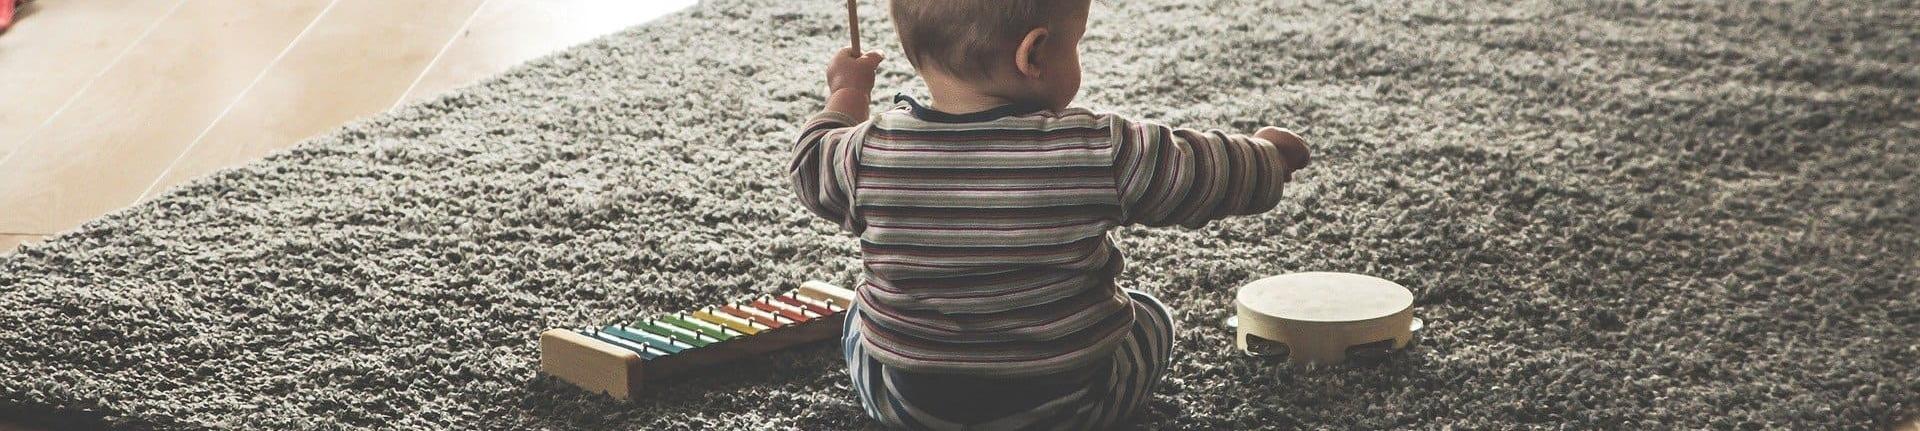 Ratgeber rund um das Thema Babys und Kinder